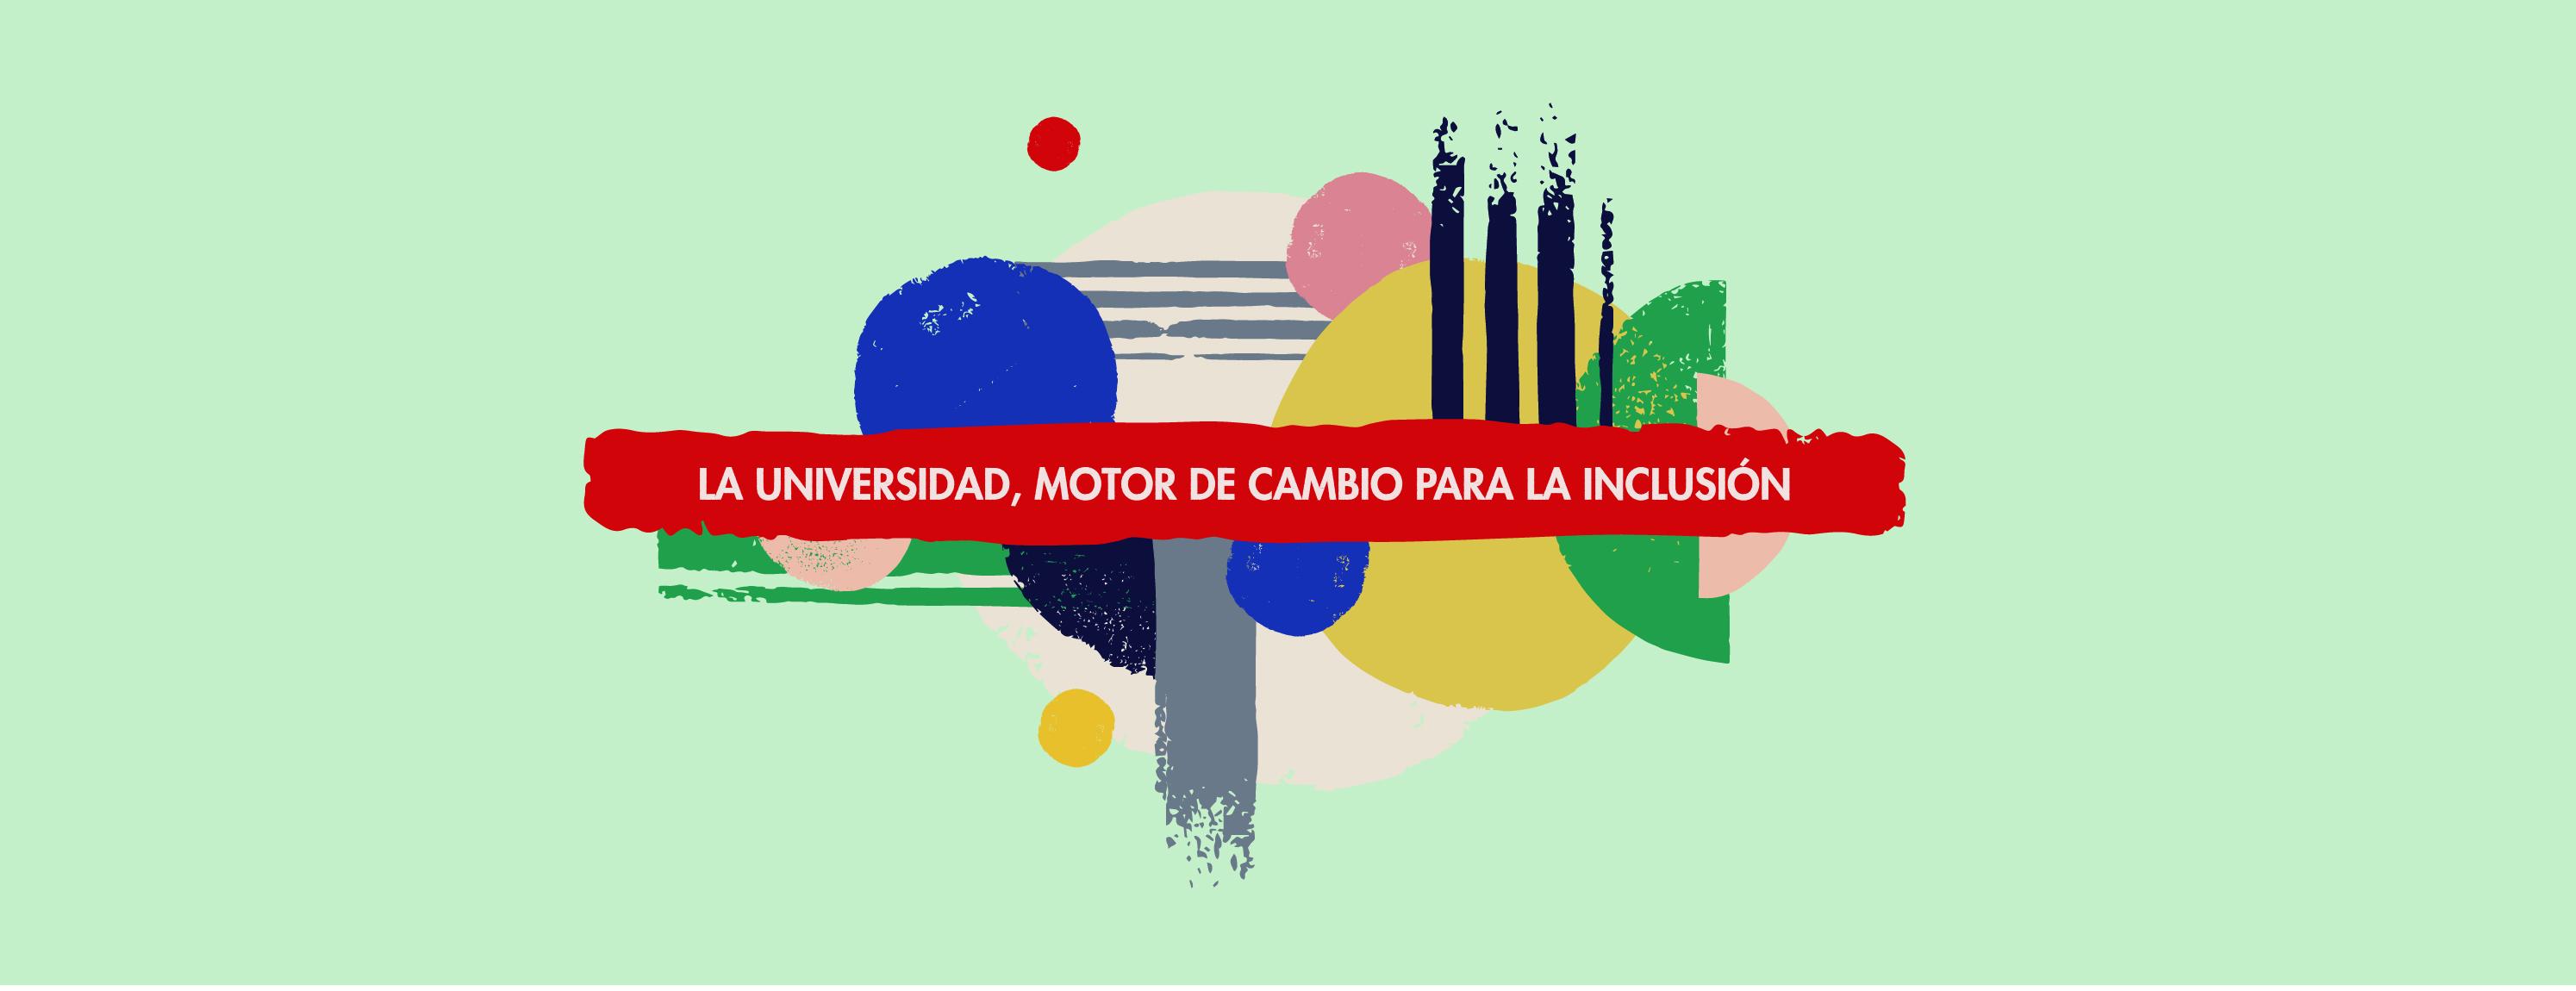 Imagen tomada de Fundación ONCE